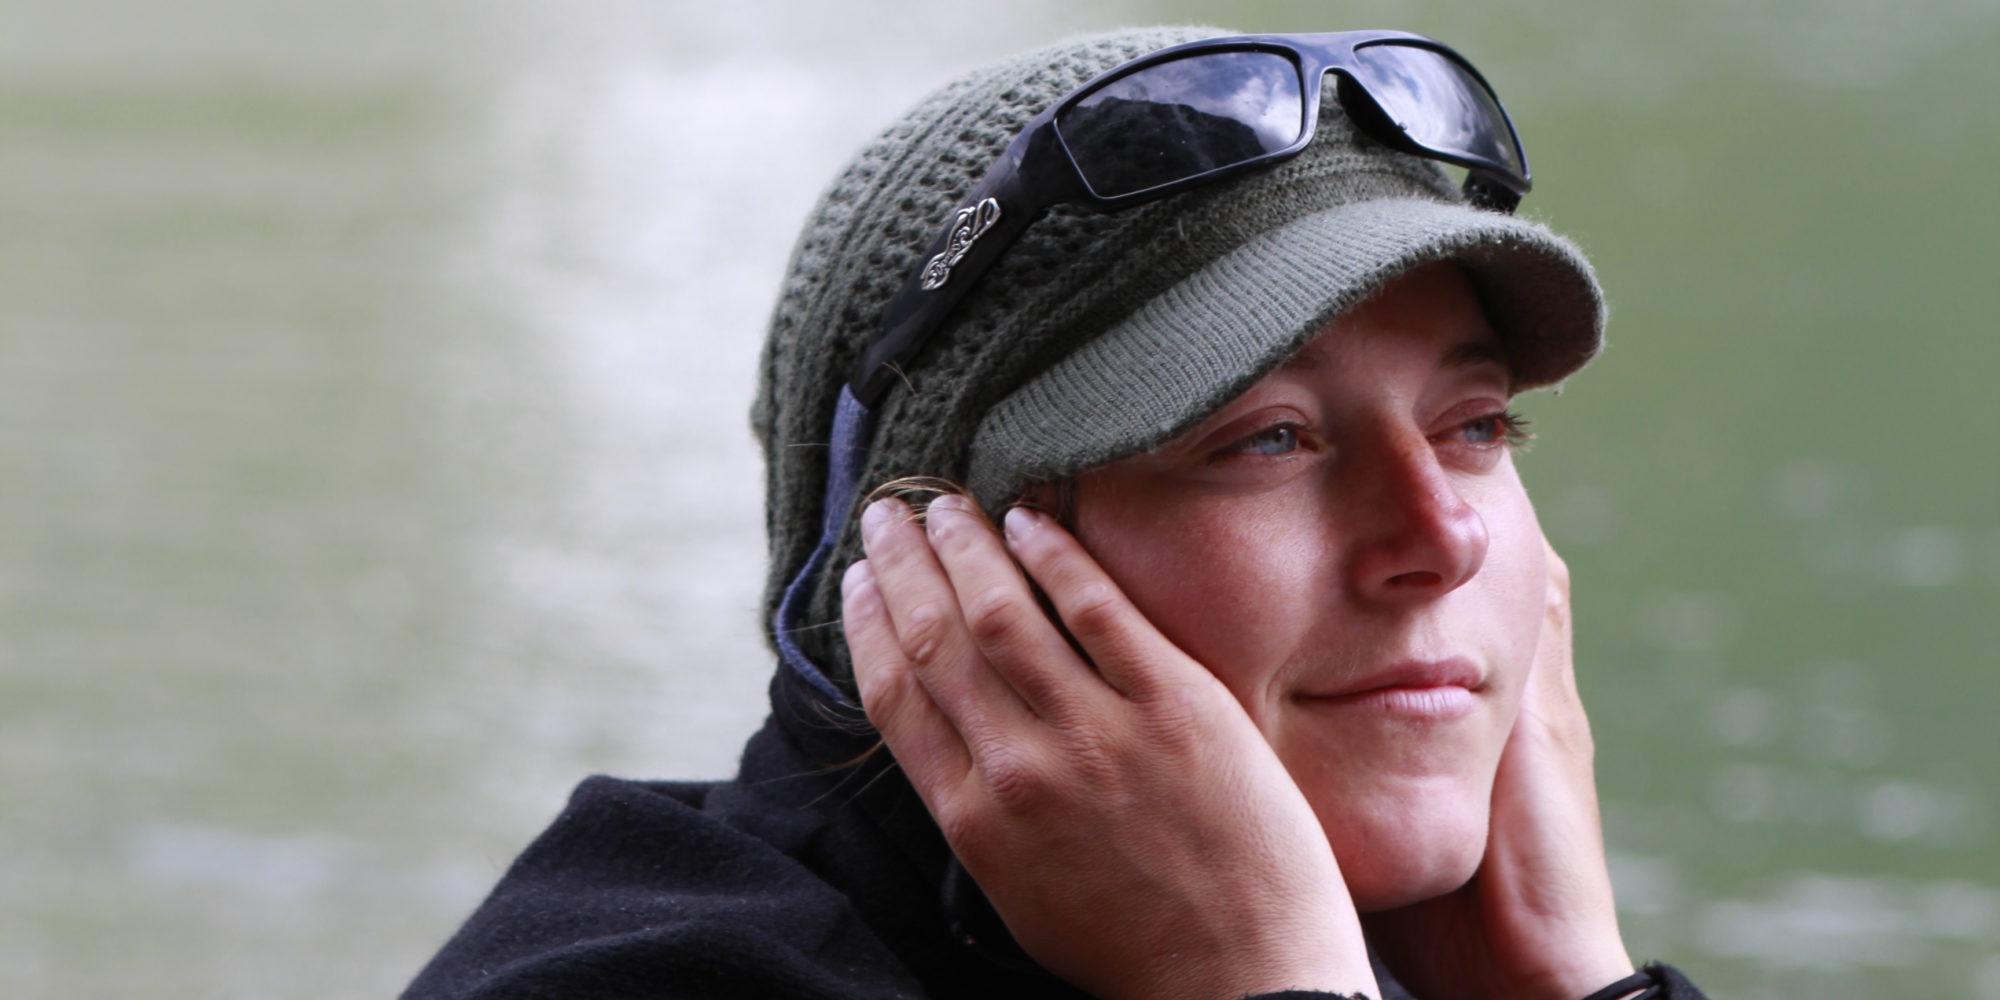 Norges havkajakk guide og instruktør forbund (NHKGIF)